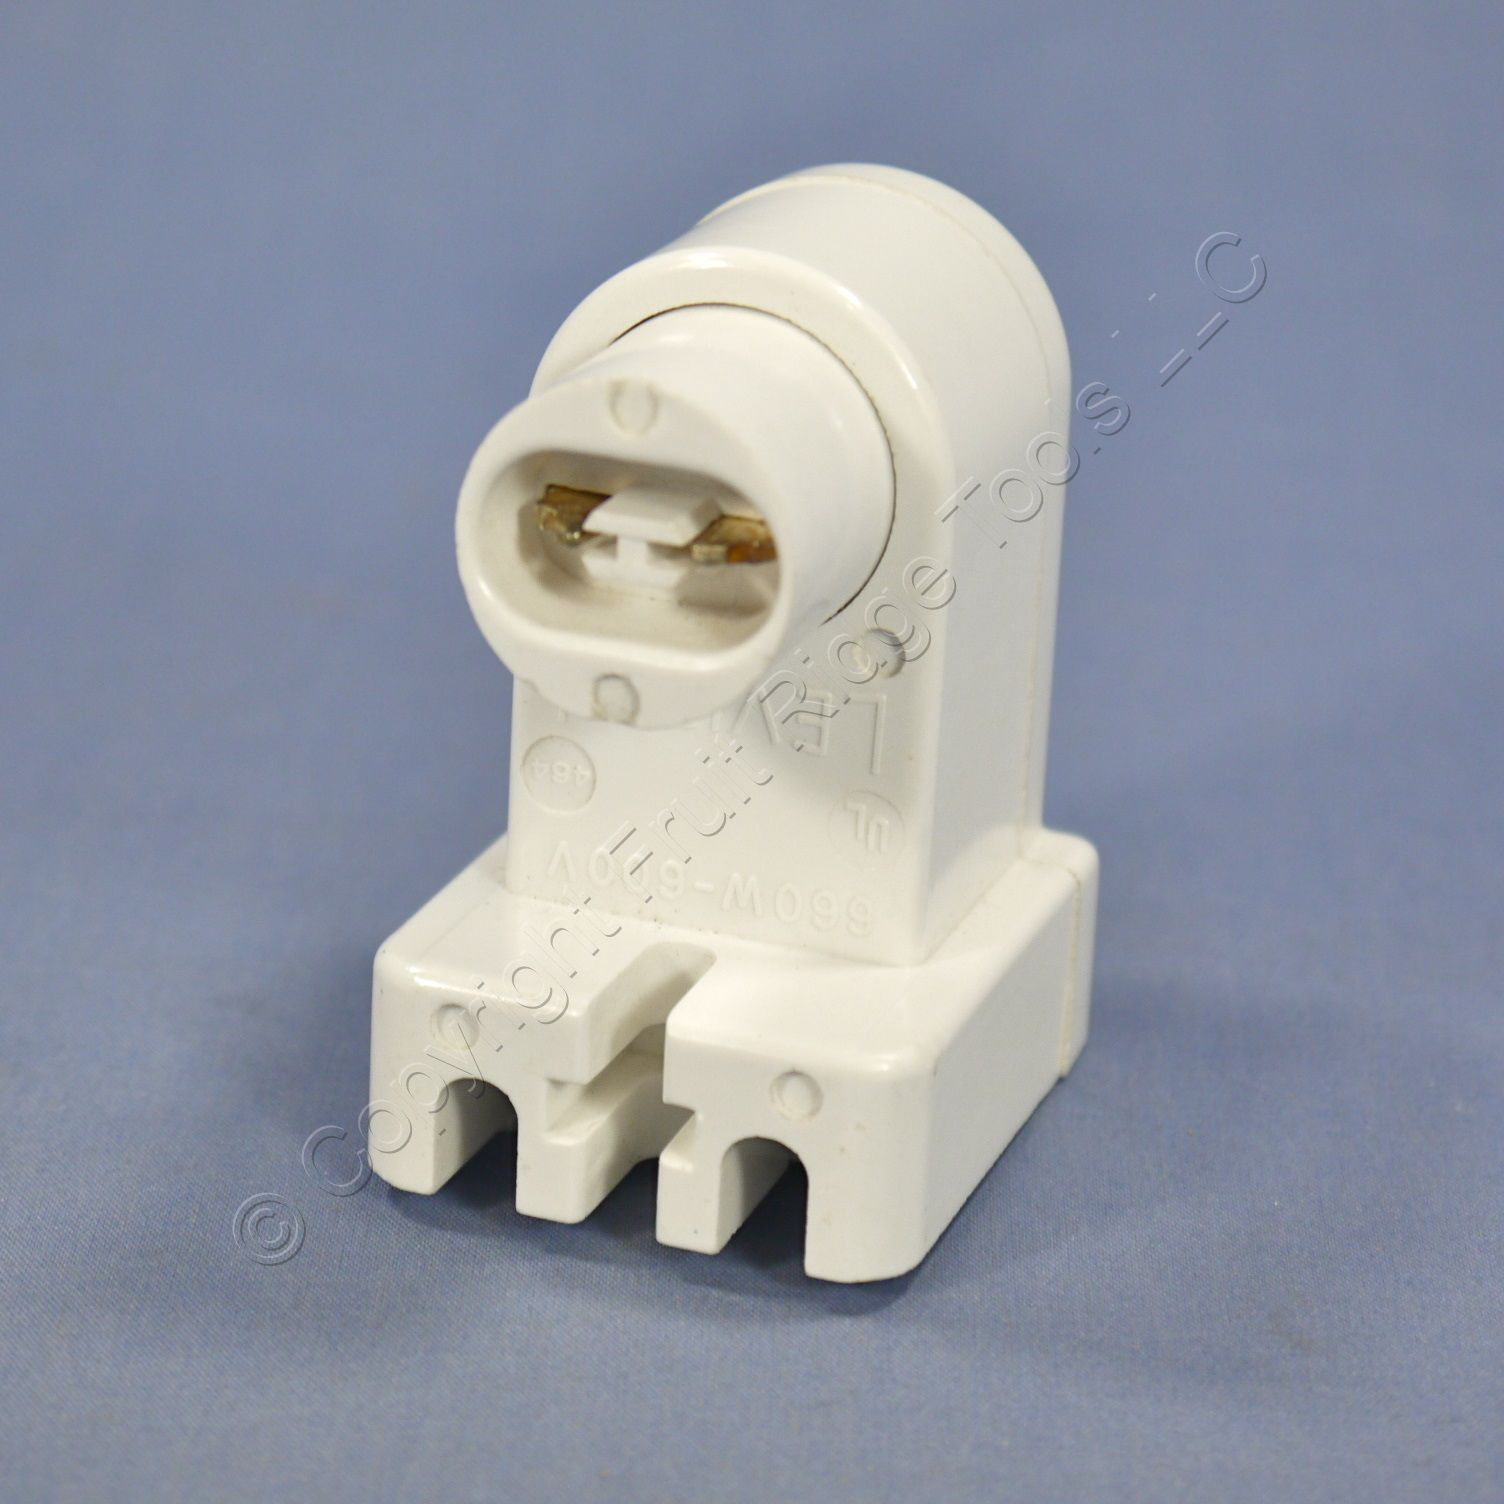 fluorescent light holder shear and moment diagrams for frames leviton white ho vho t8 t12 lamp